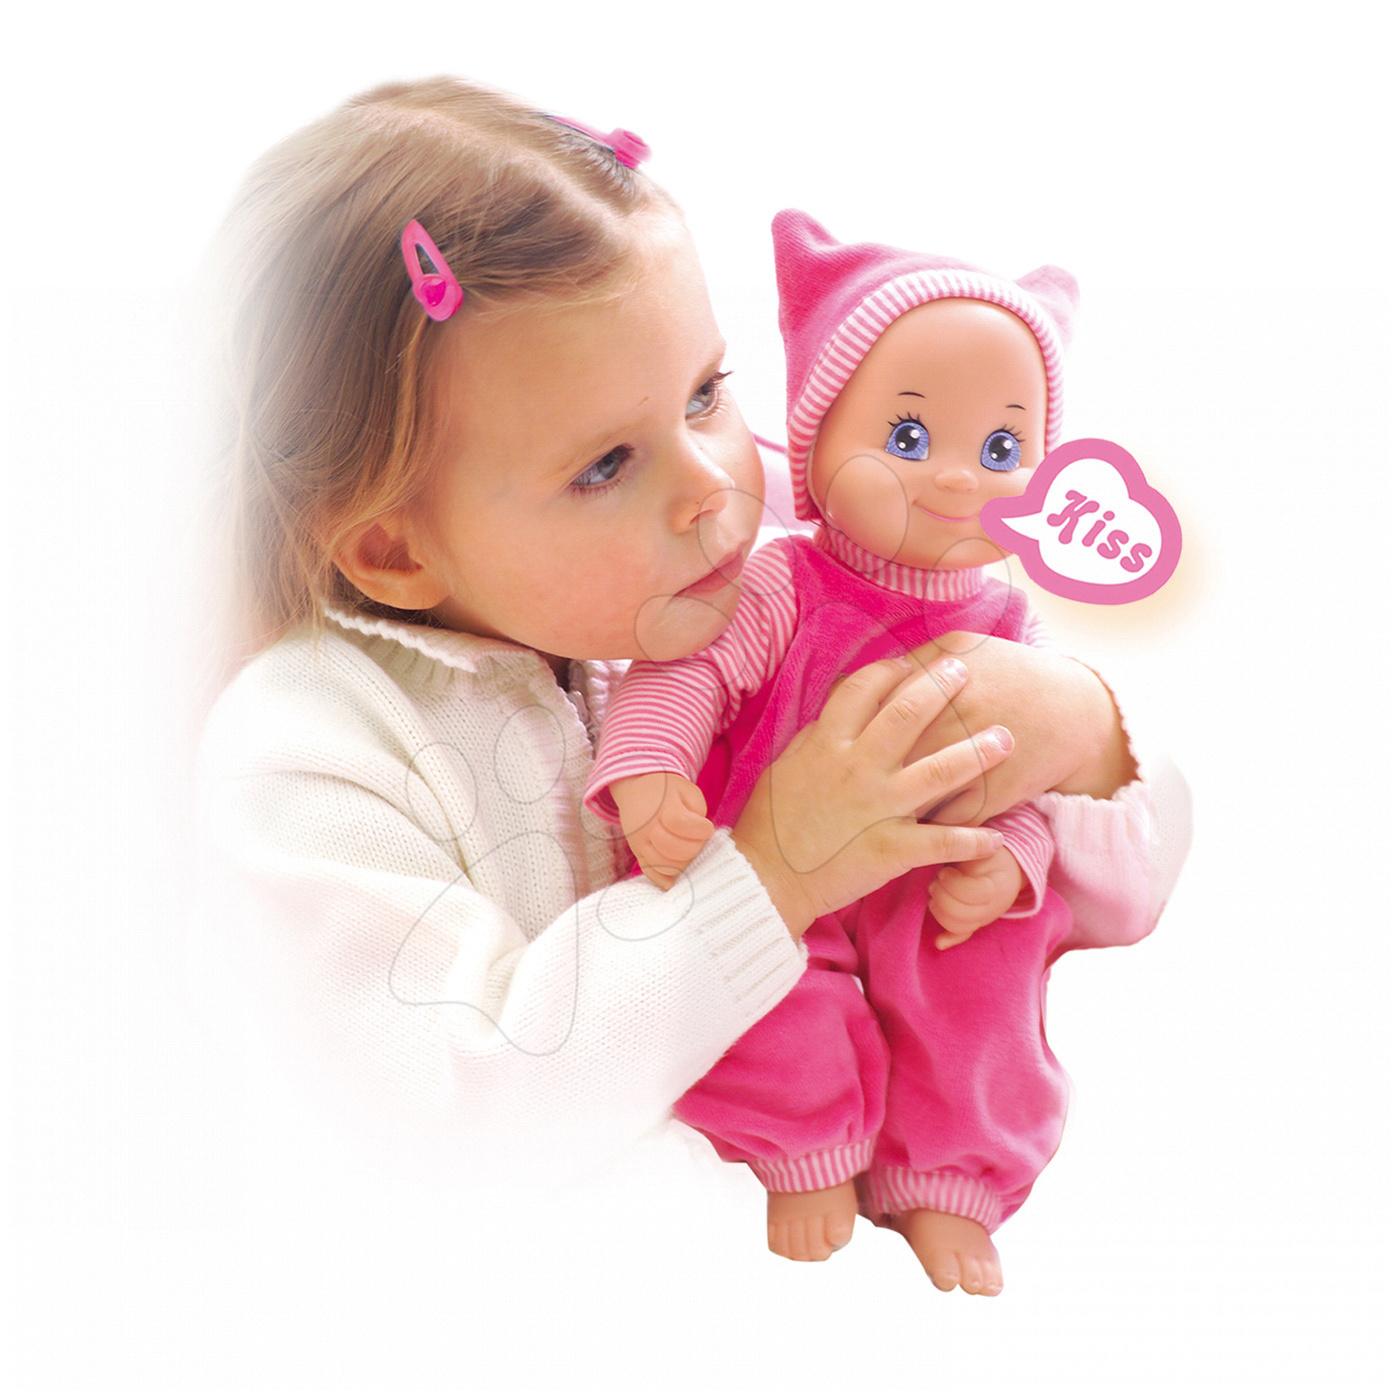 Panenky od 9 měsíců - Panenka se zvukem MiniKiss Smoby 27 cm od 12 měsíců